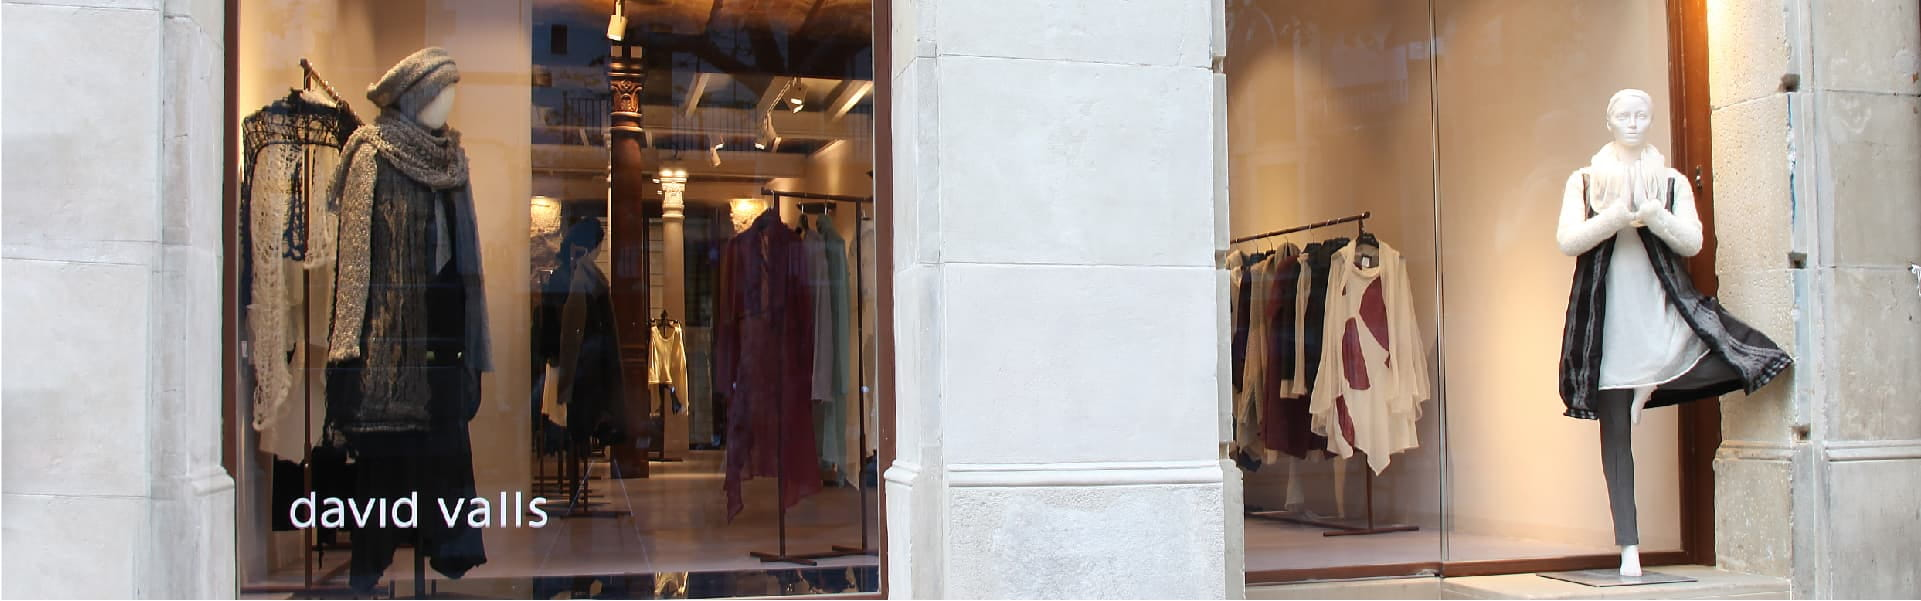 Puertas para locales comerciales y tiendas